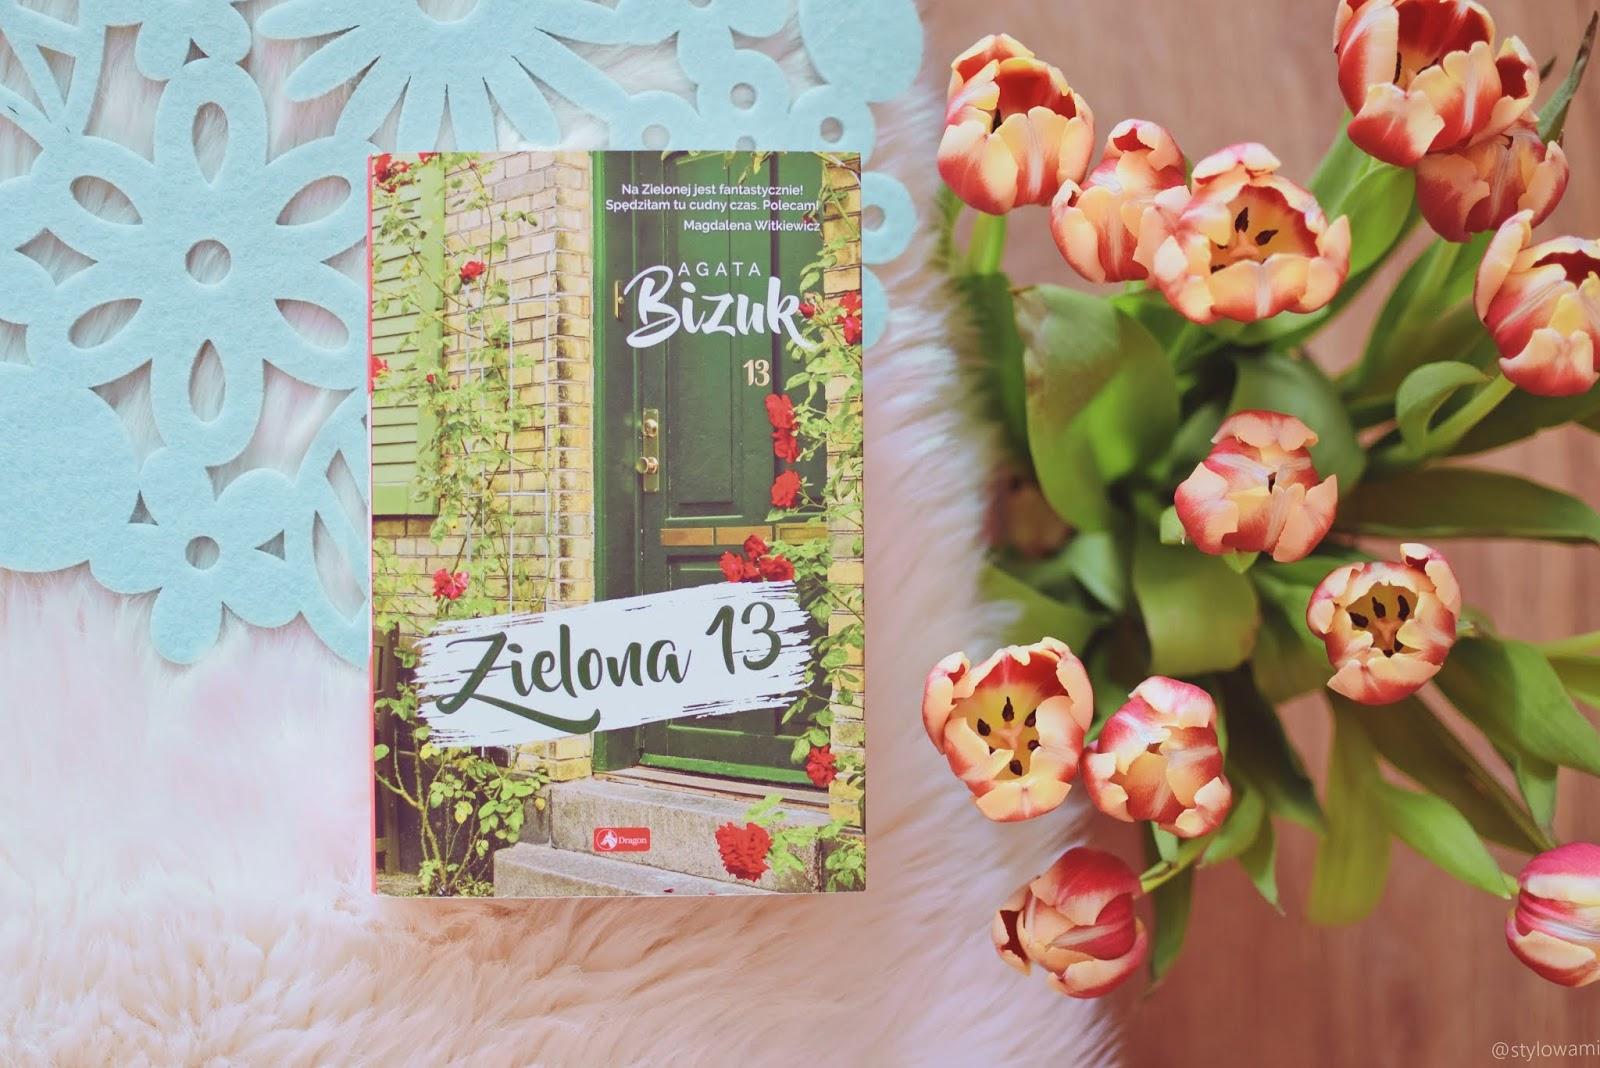 AgataBizuk, NarzeczonaZSecondHandu, opowiadanie, powieśćobyczajowa, recenzja, WydawnictwoDragon, Zielona13, komedia,